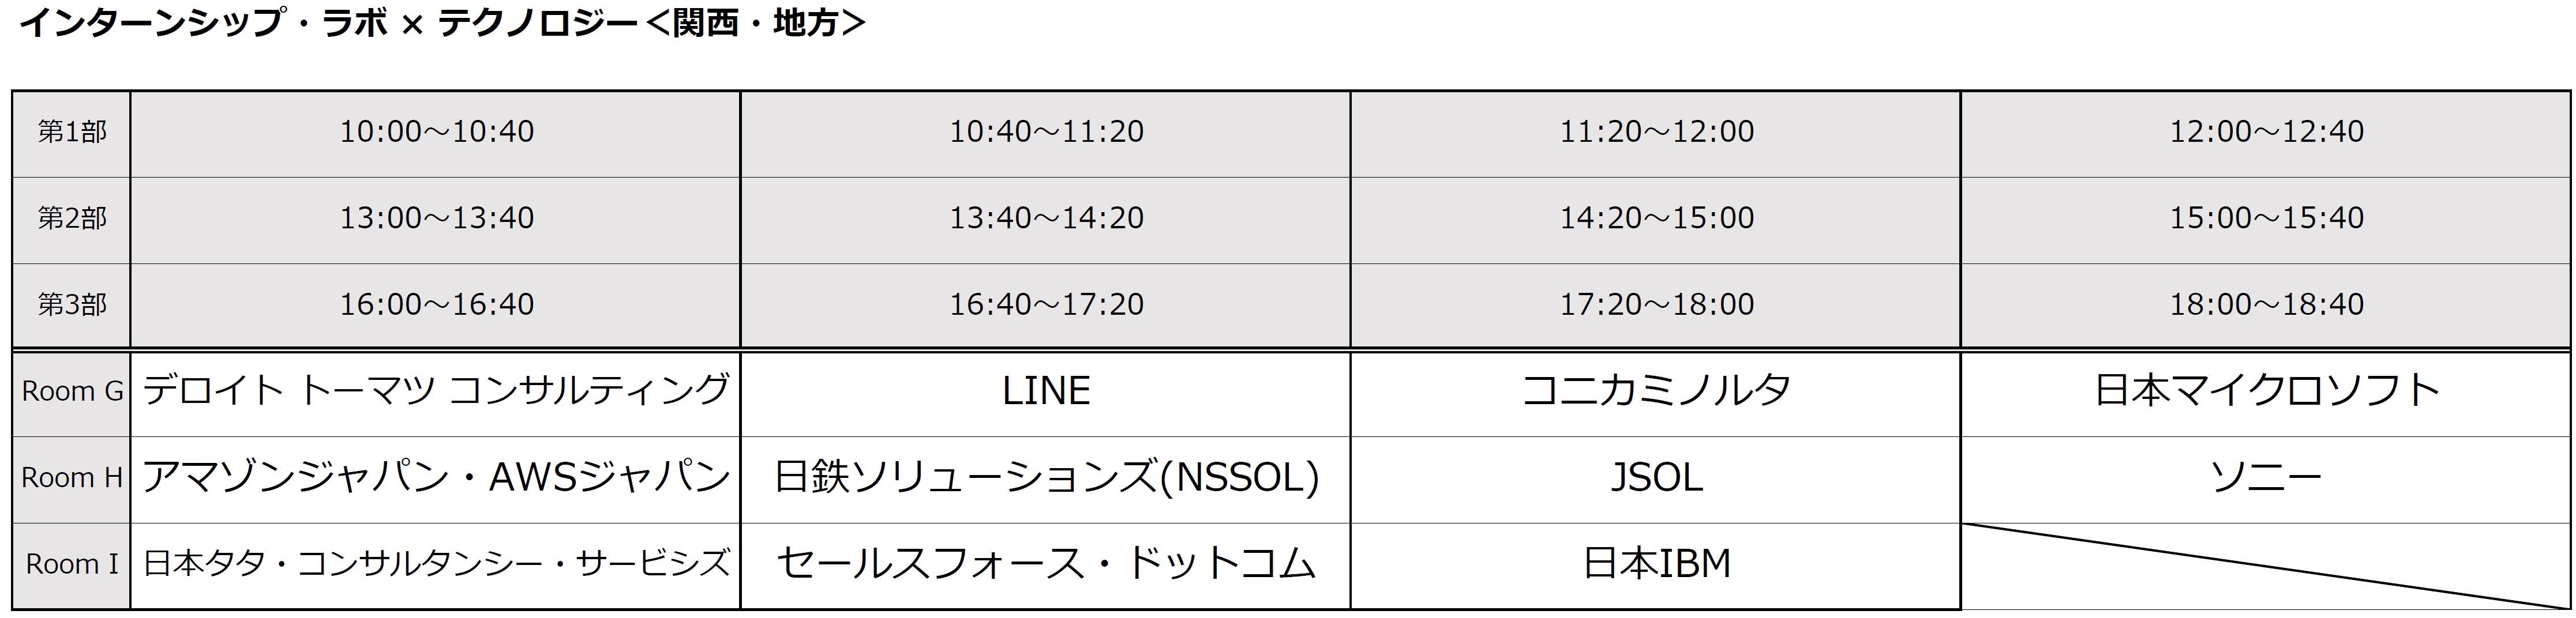 インターンシップ・ラボ × テクノロジー in京都タイムテーブル